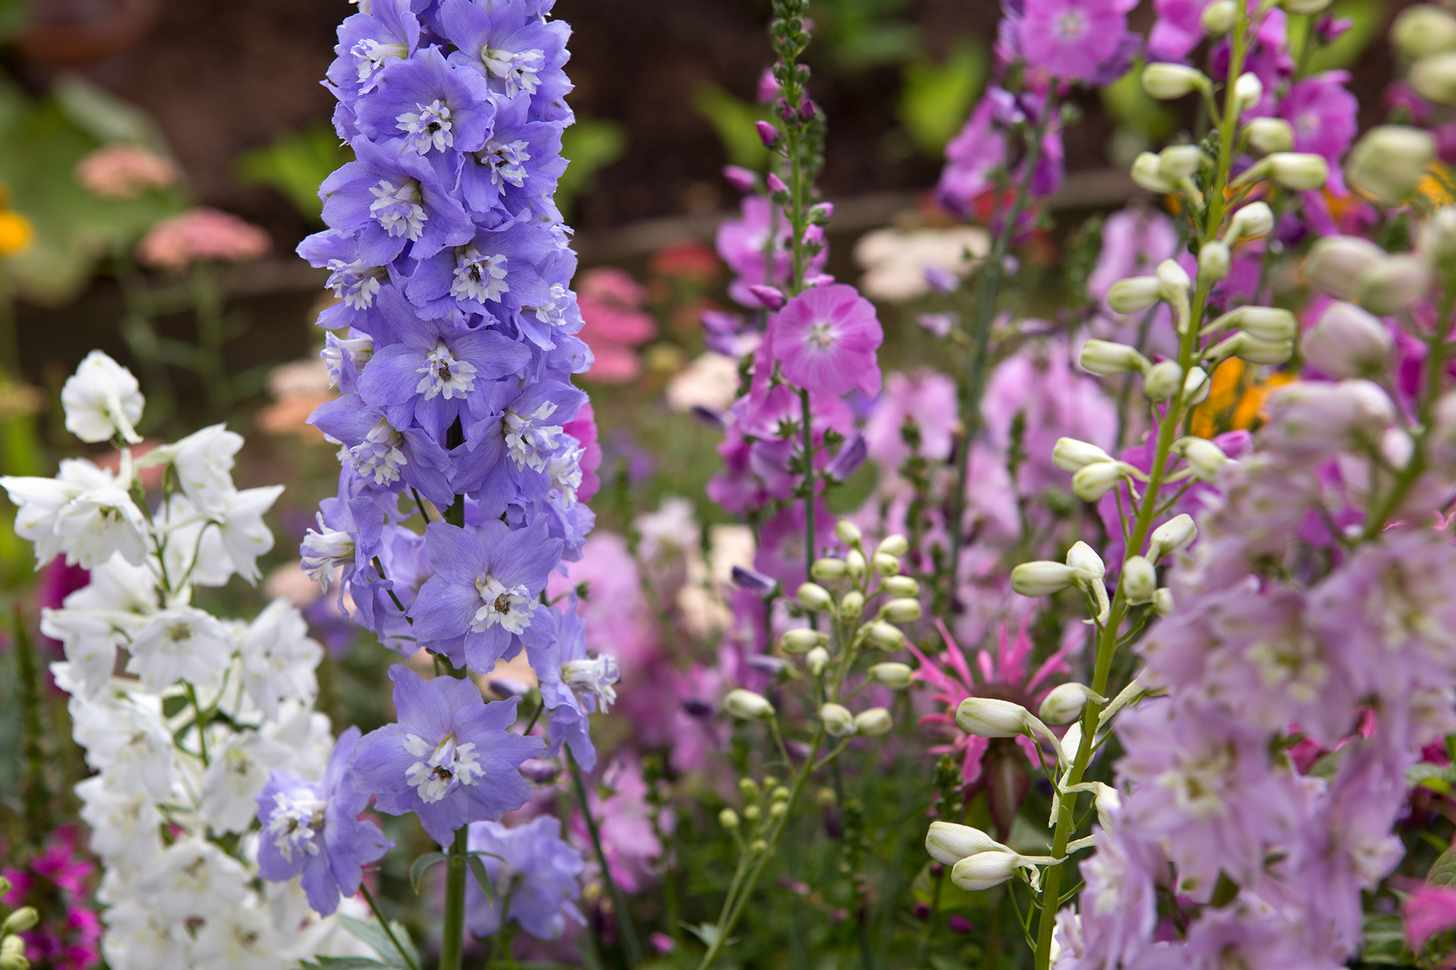 Delphiniums in flower